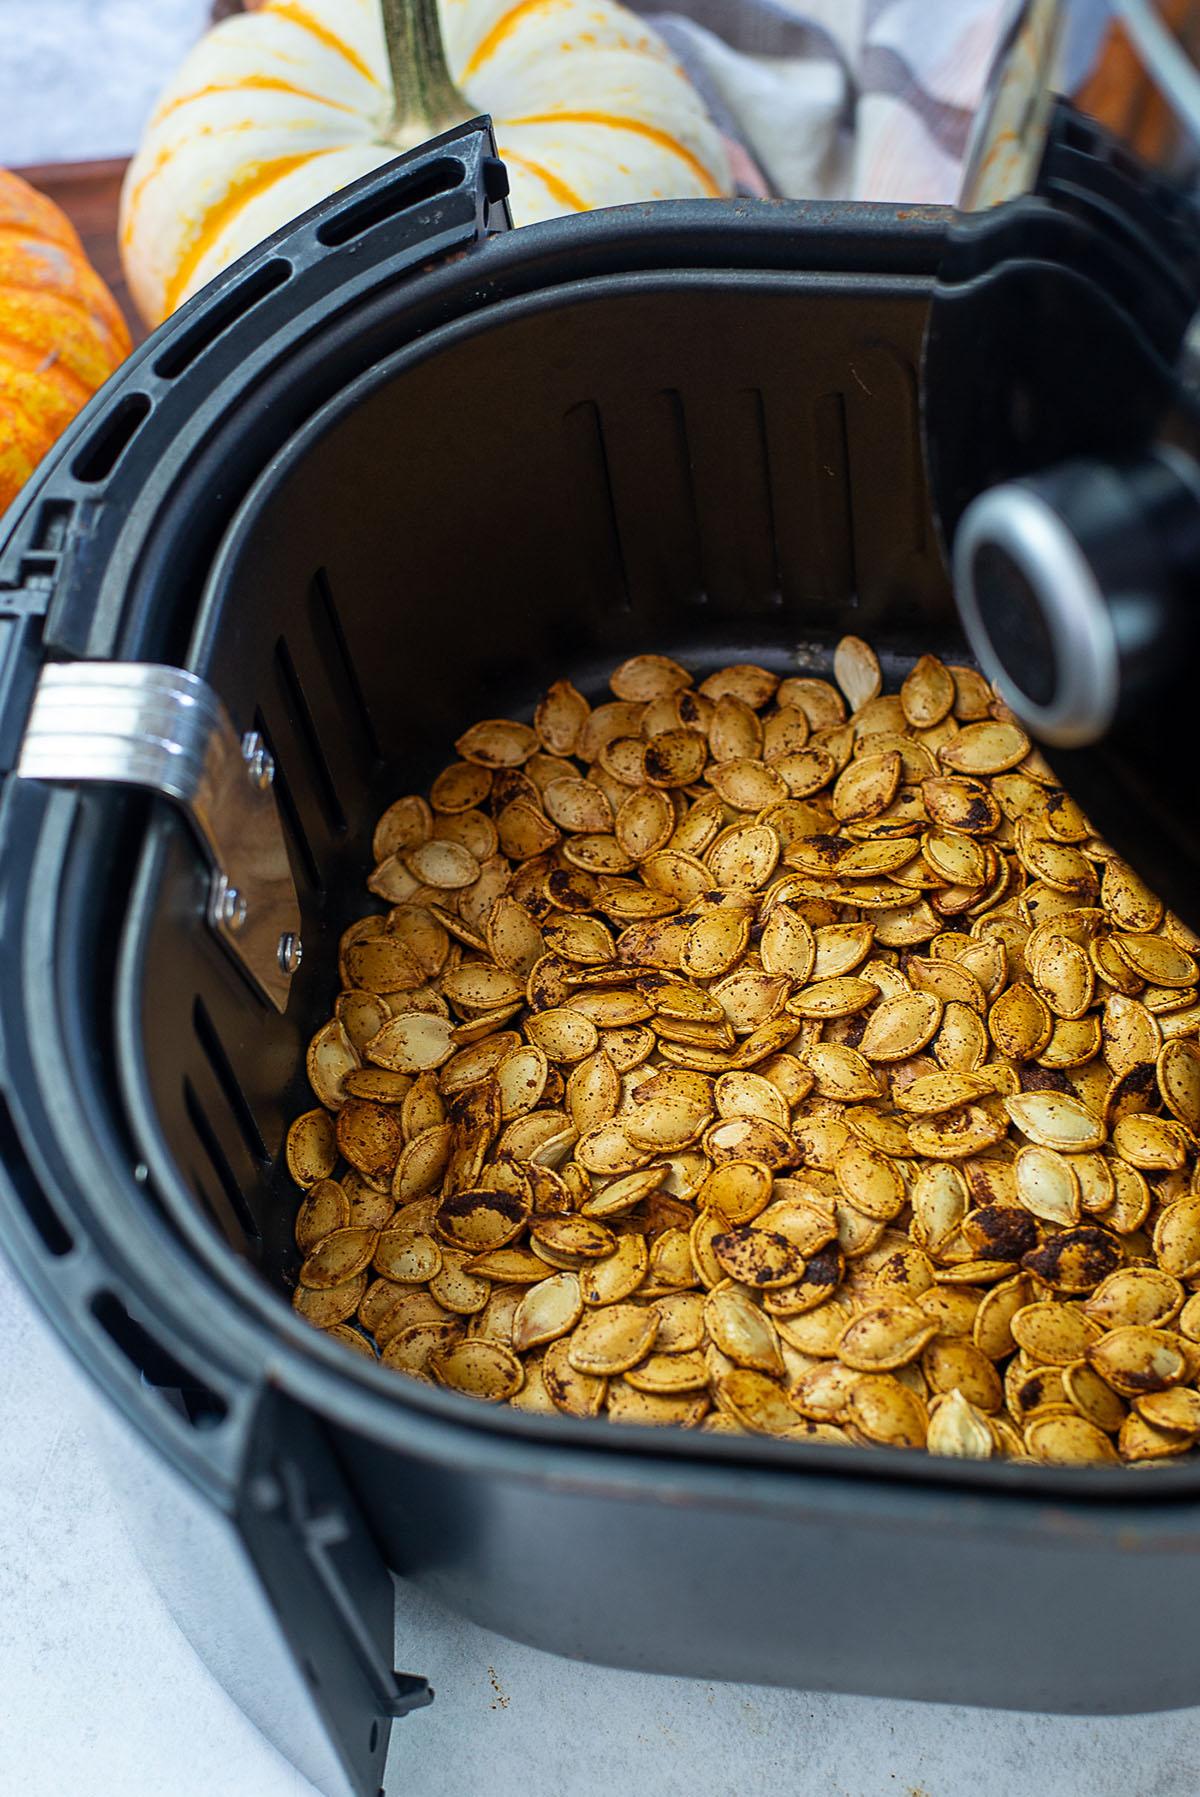 Cooked pumpkin seeds in an air fryer basket